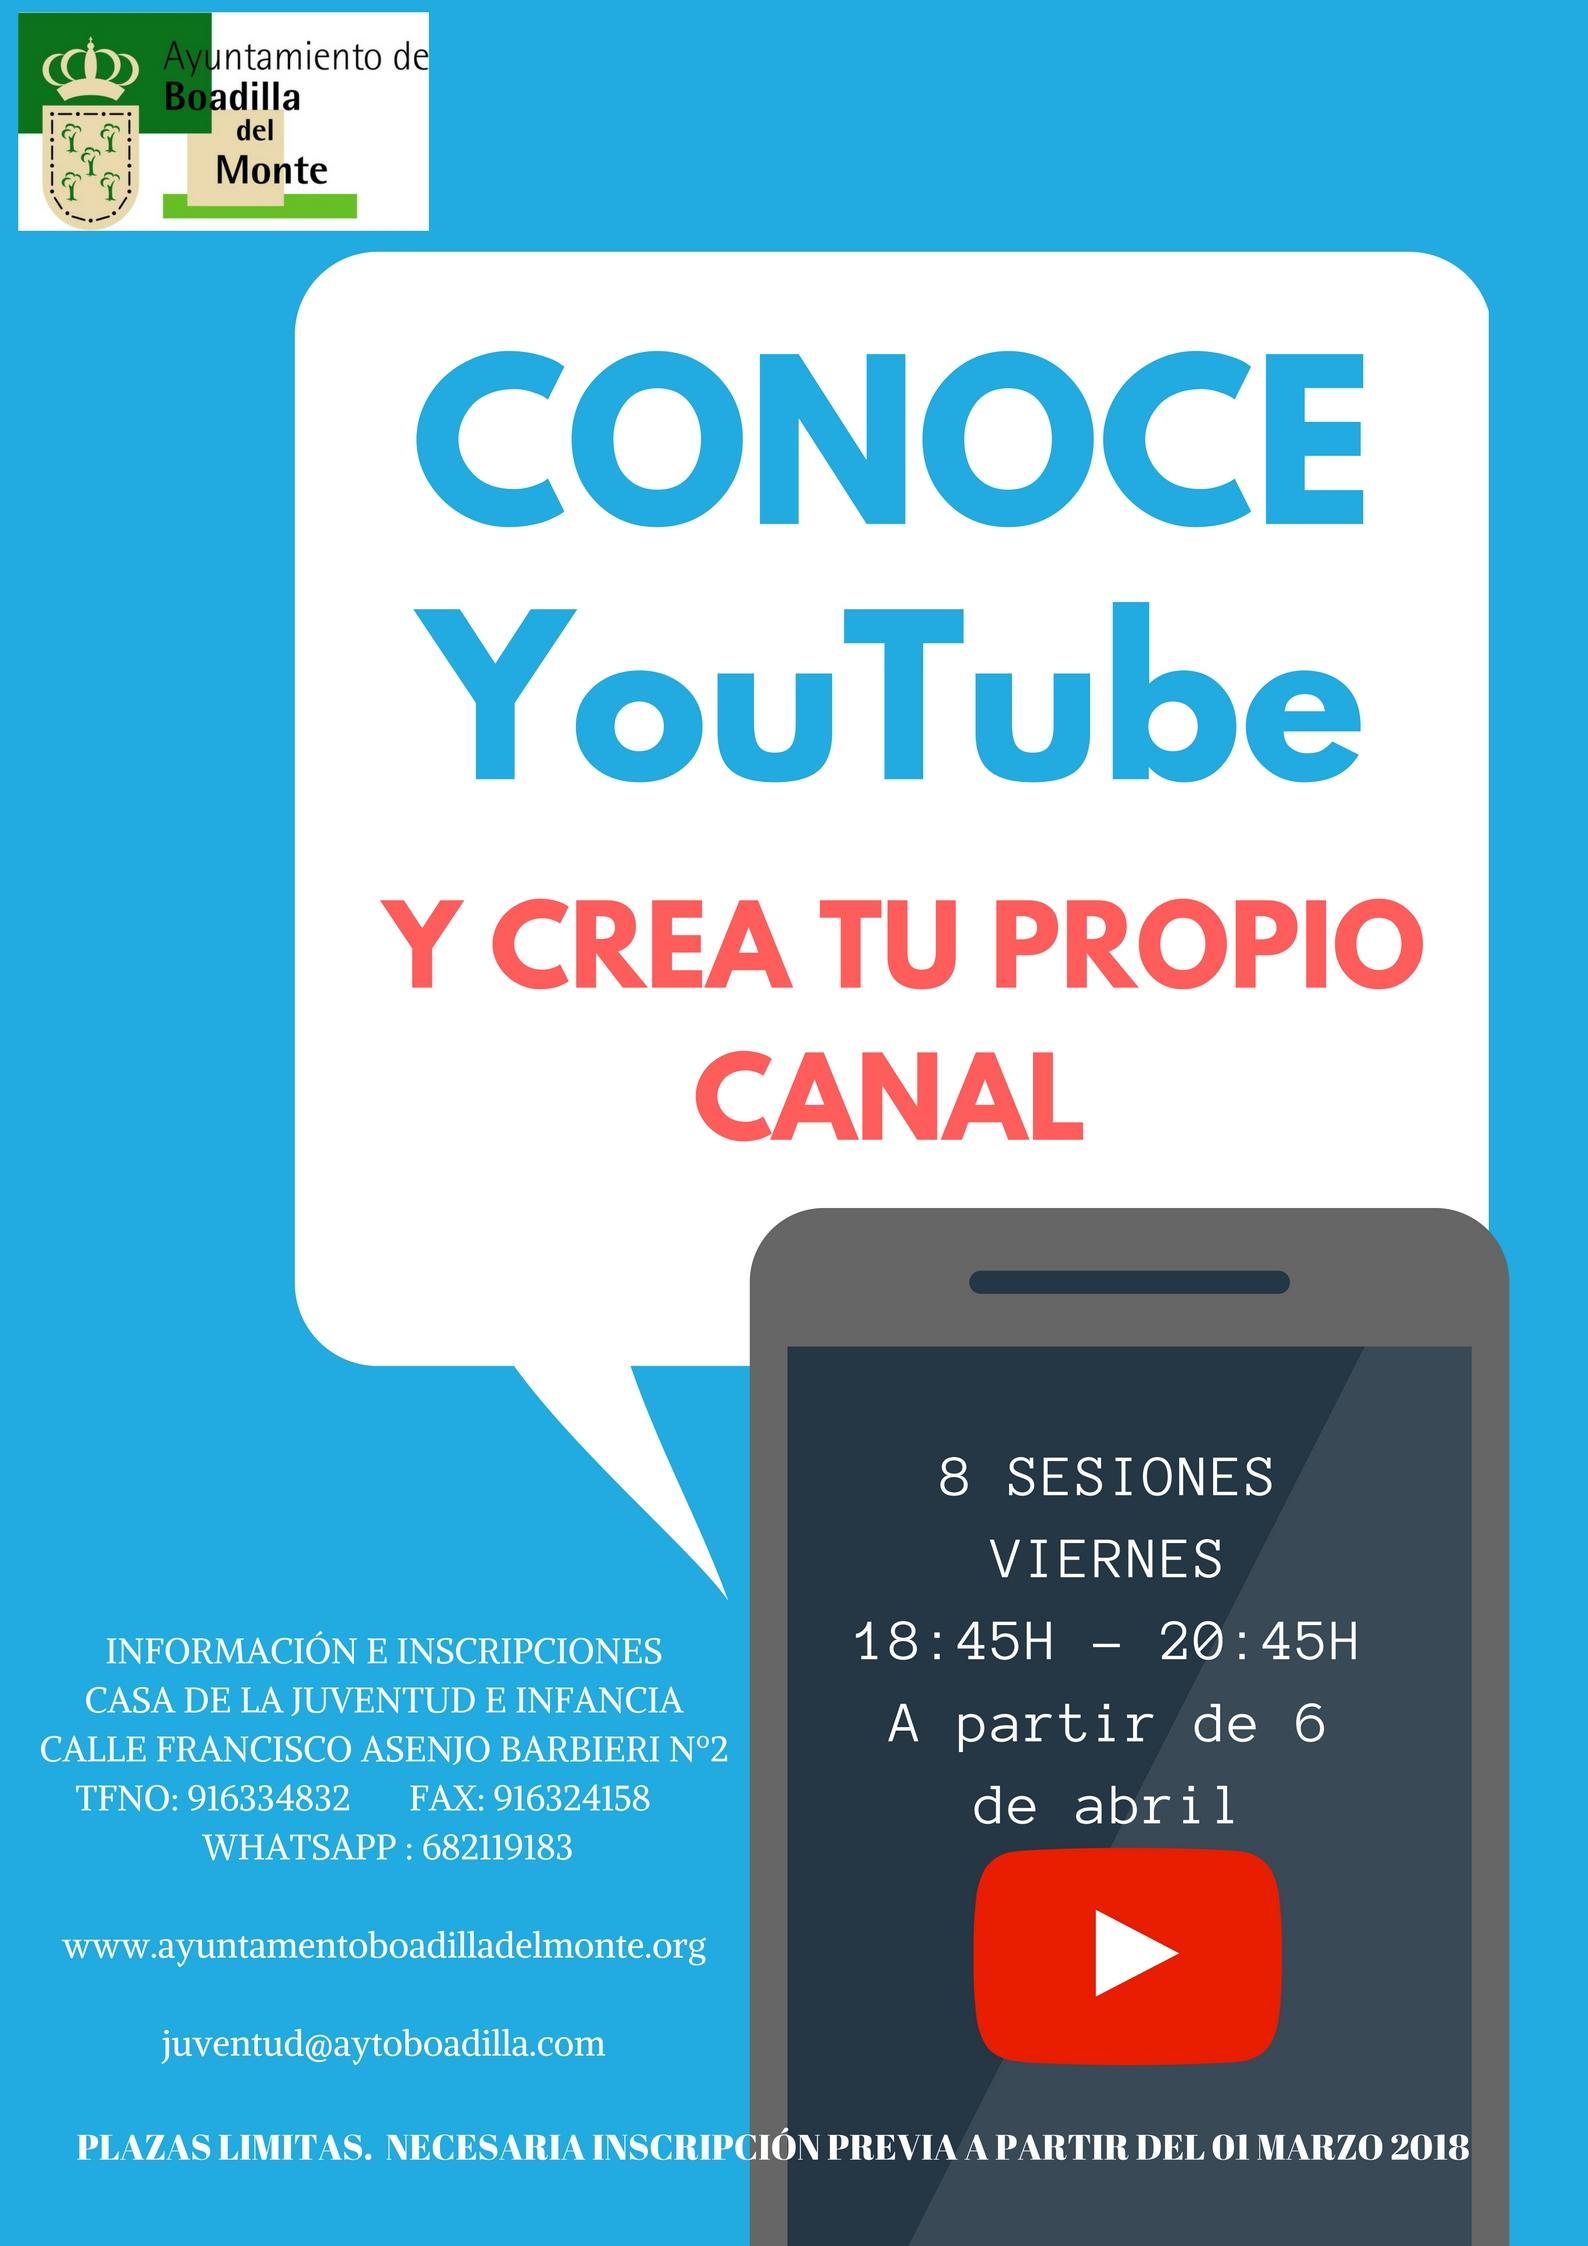 Curso de youtube en Boadilla